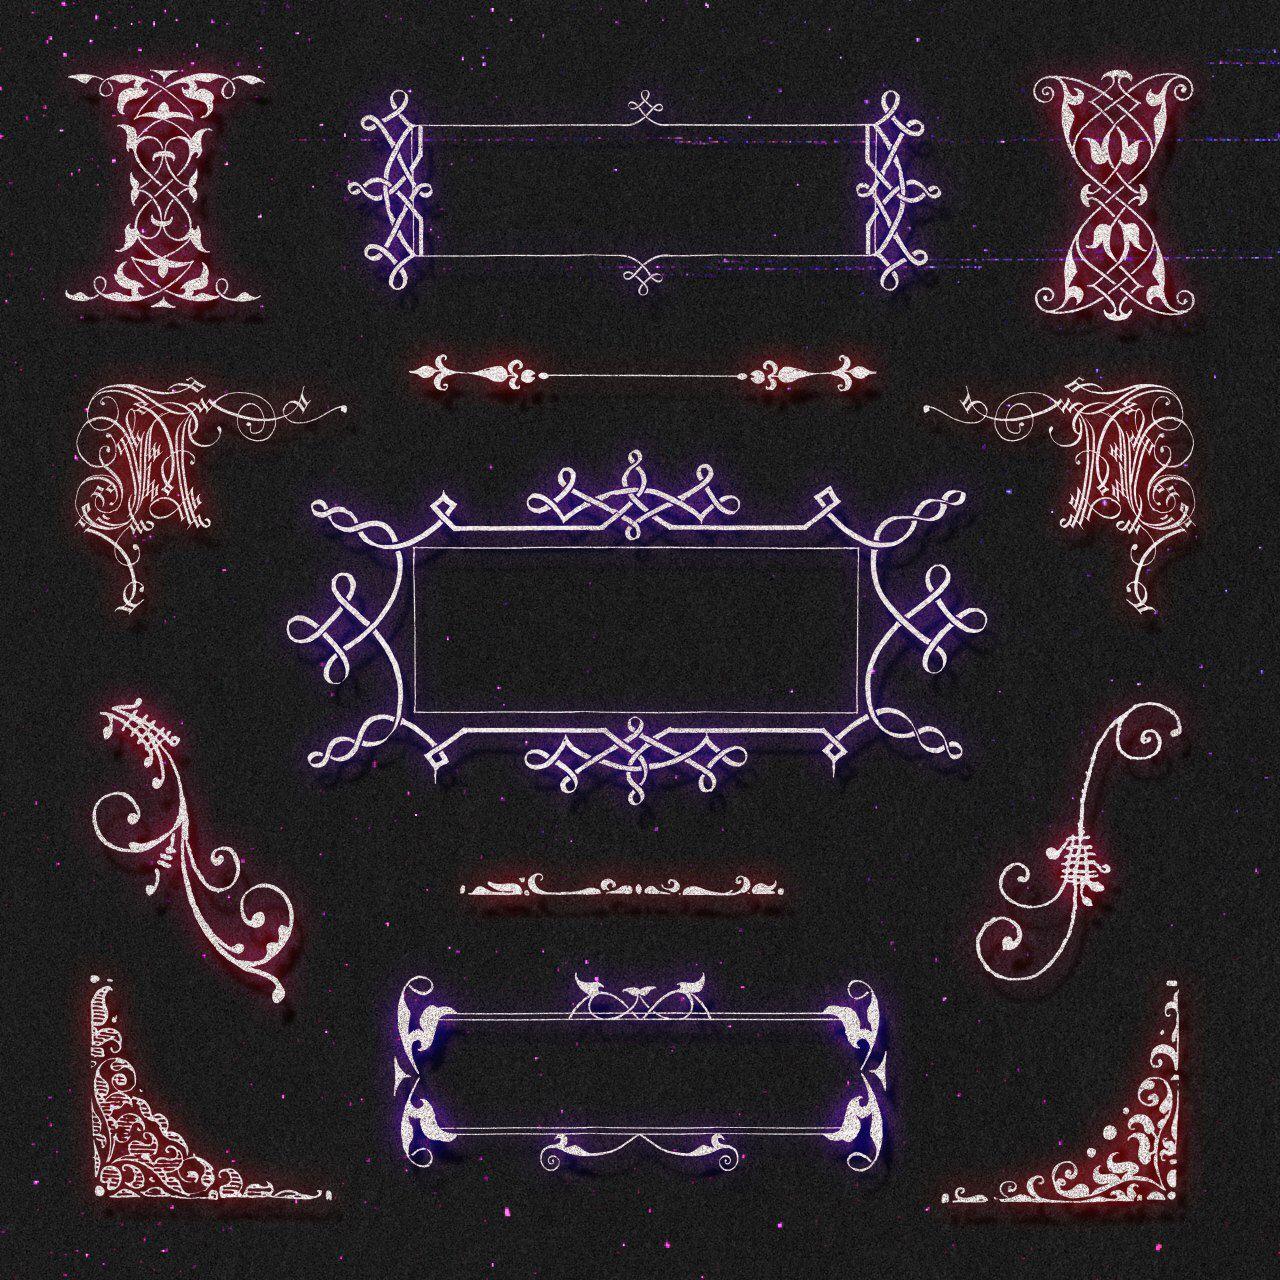 أدوات التصميم و المونتاج ملحقات رمزيات خلفيات سكرابز خطوط خامات برامج صوتيات مخطوطات للتصميم والمونتاج Victorian Frame Vintage Illustration Antique Artwork